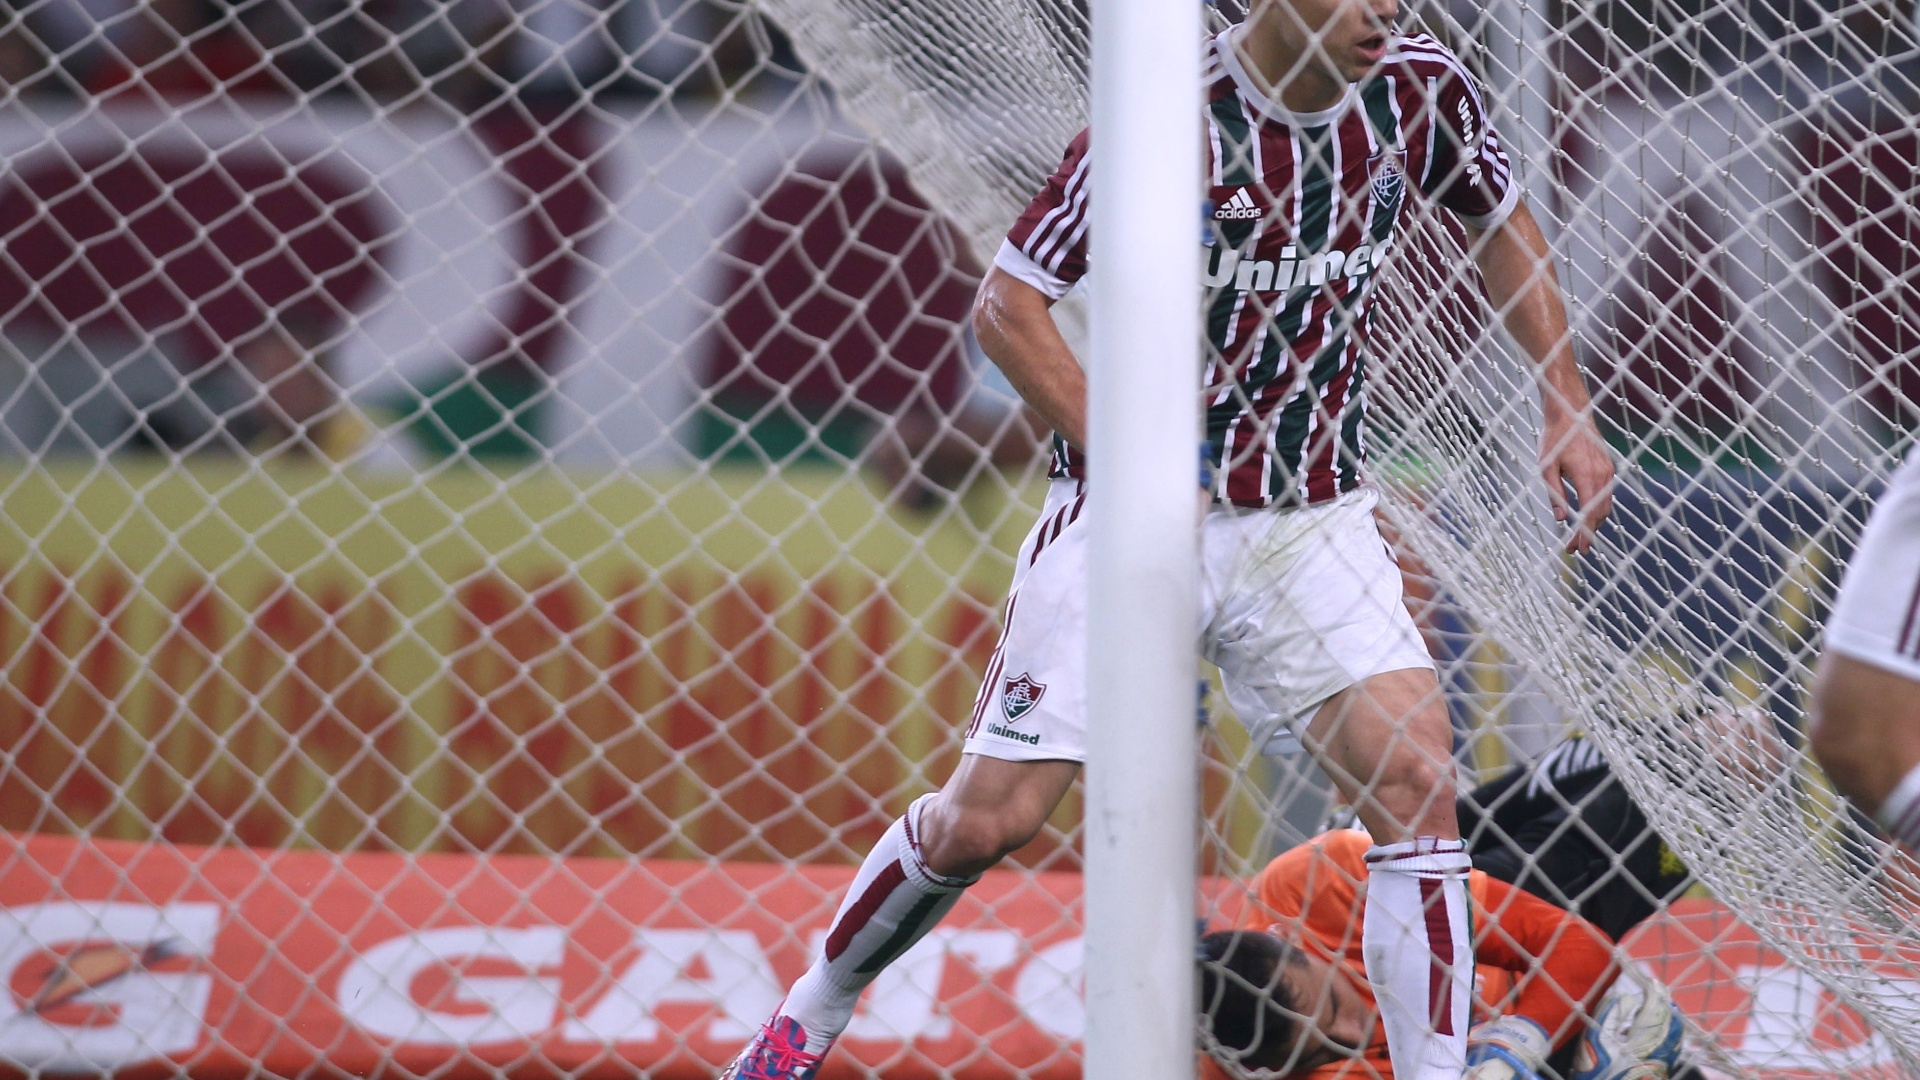 Criciúma abriu o placar, mas Wagner (foto) empatou para o Fluminense